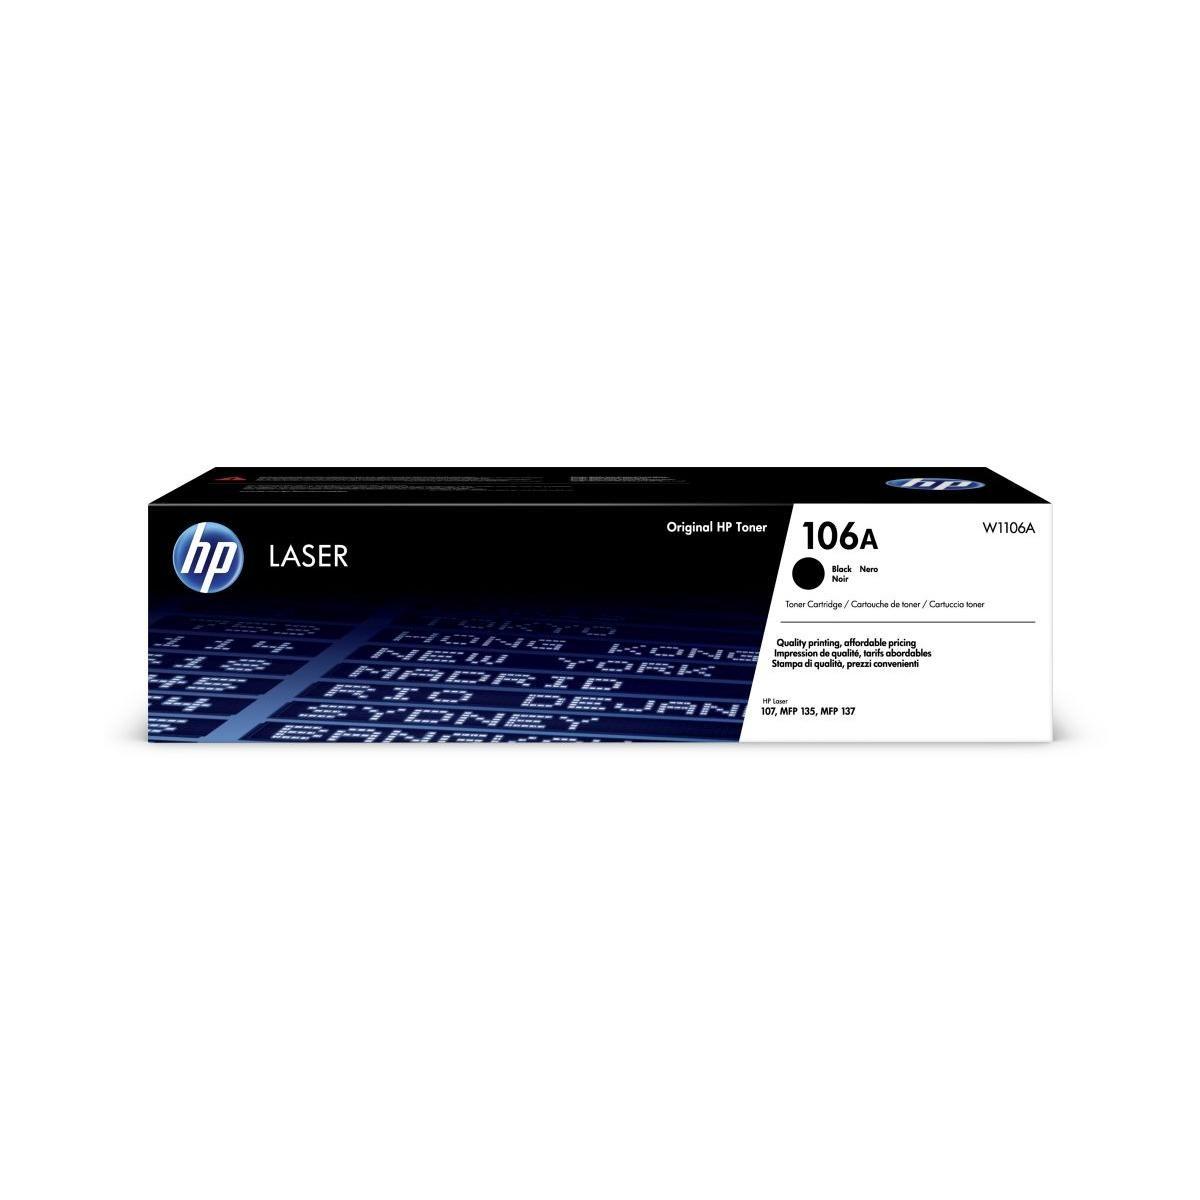 Toner HP 106A, HP W1106A - originálny (Čierny)